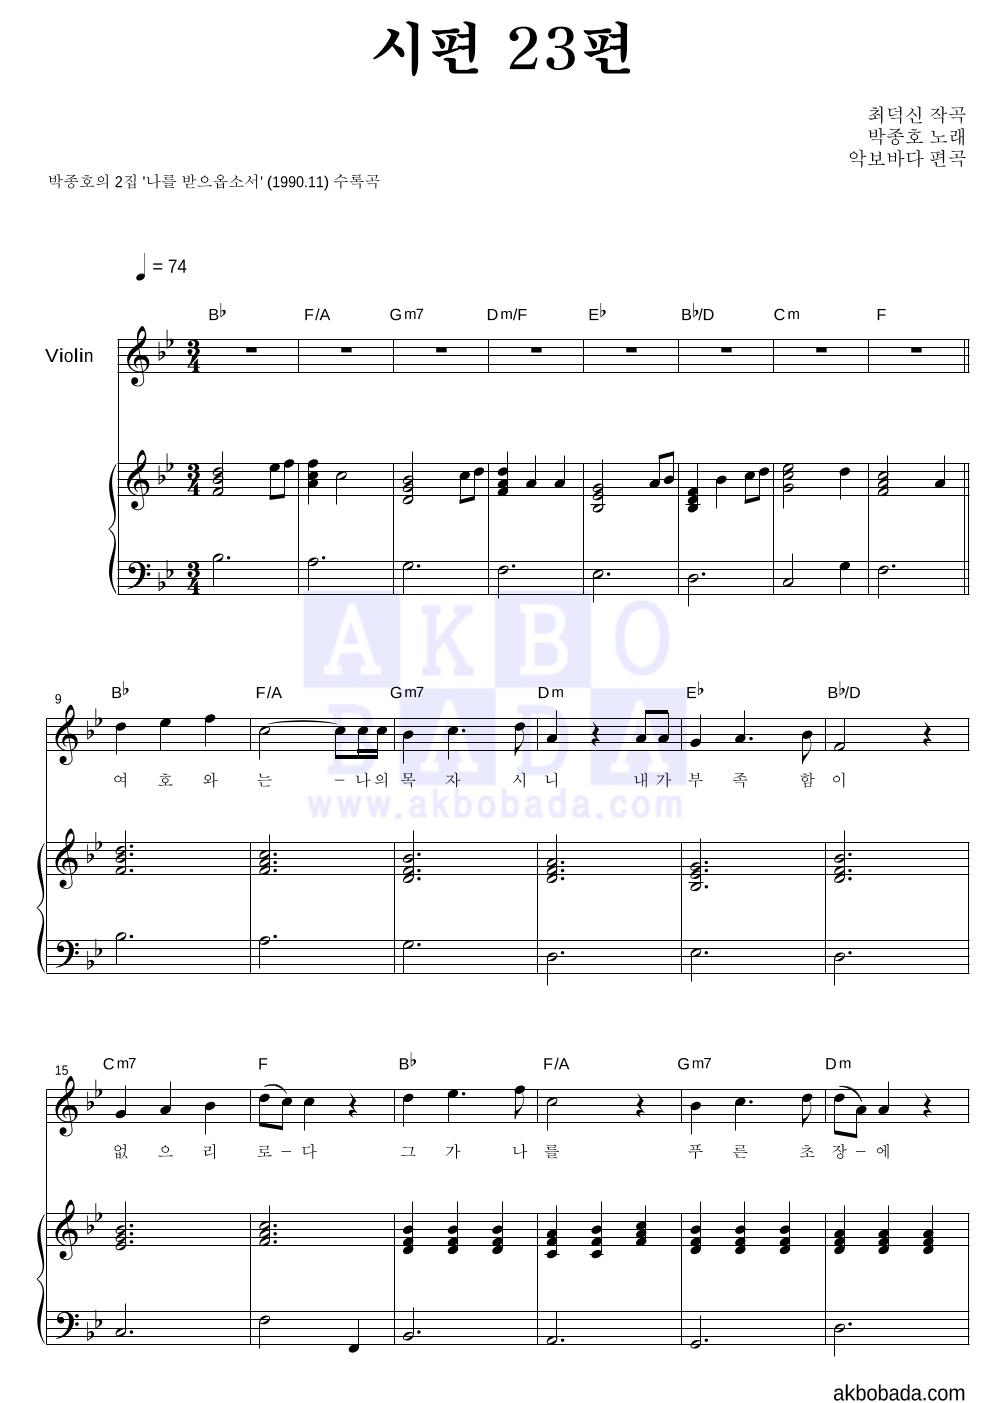 박종호 - 시편 23편 바이올린&피아노 악보